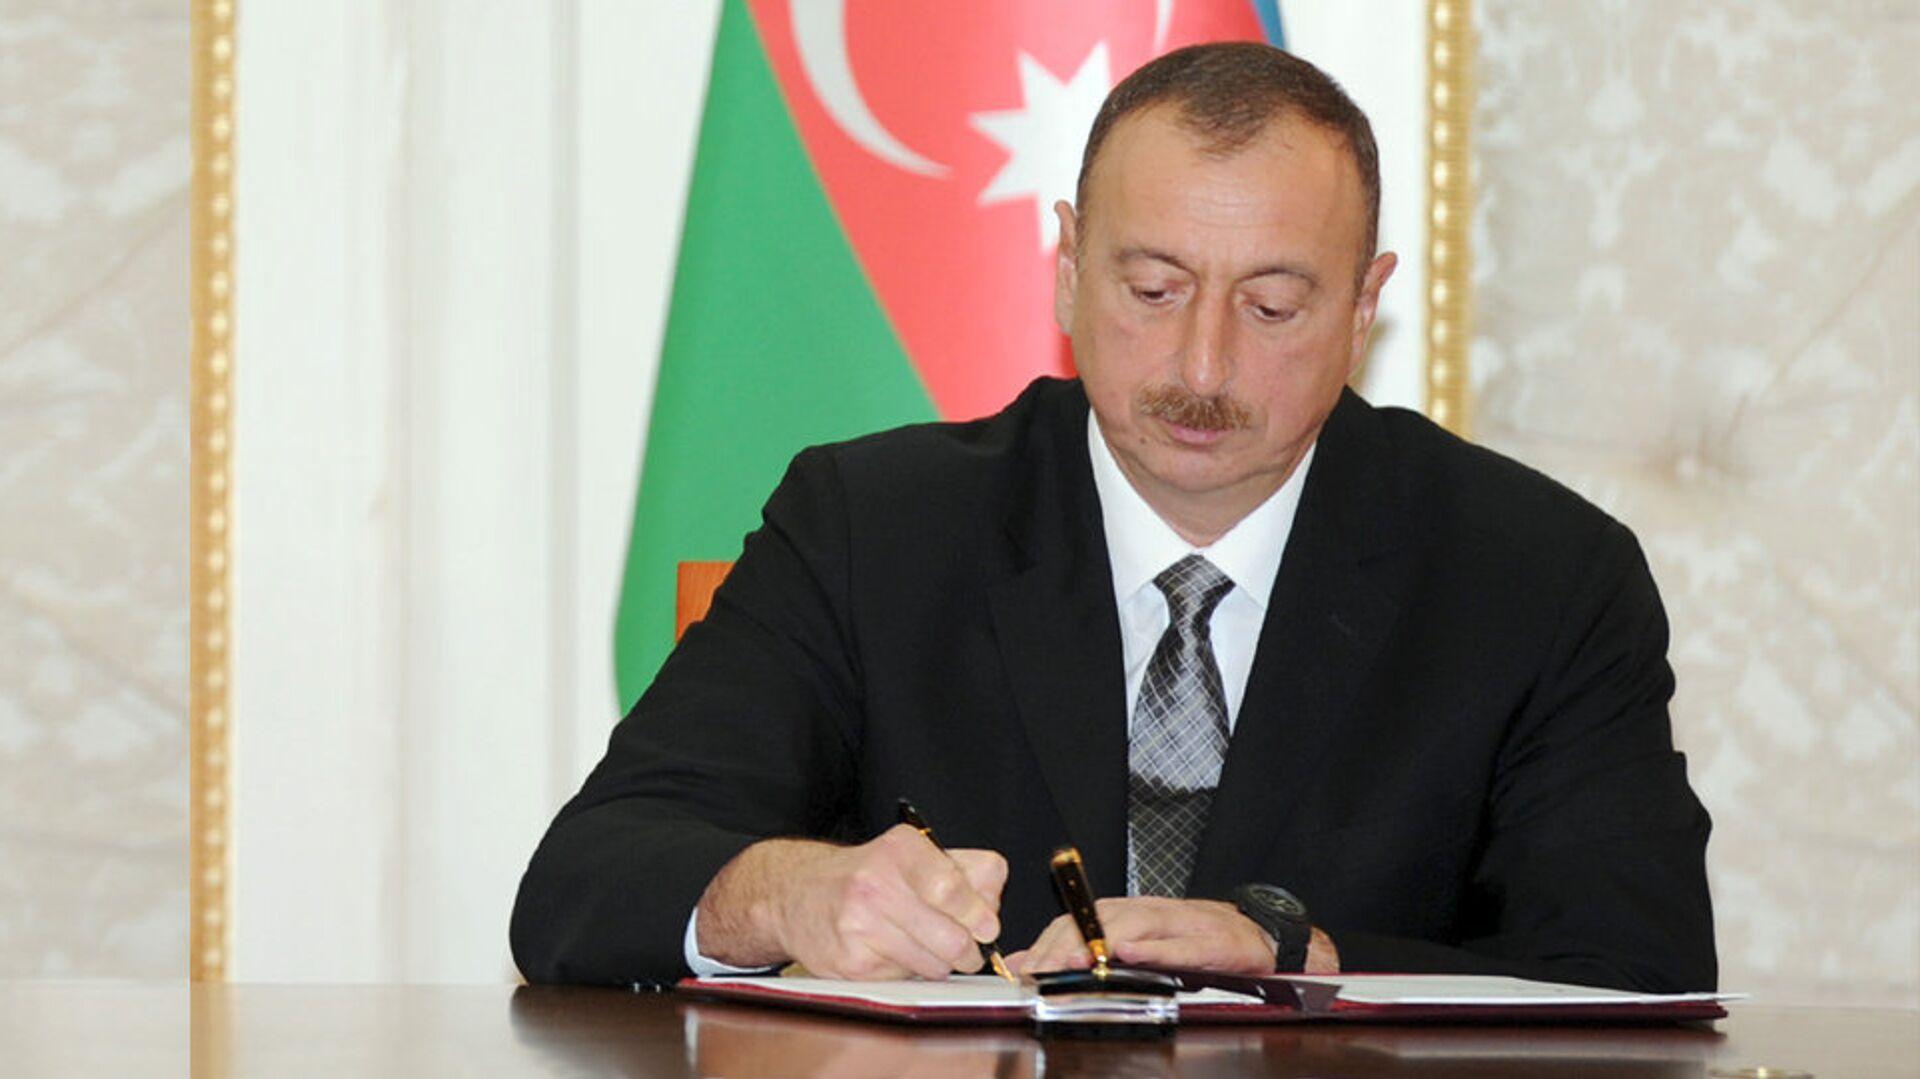 Президент Азербайджана Ильхам Алиев - Sputnik Азербайджан, 1920, 21.08.2021